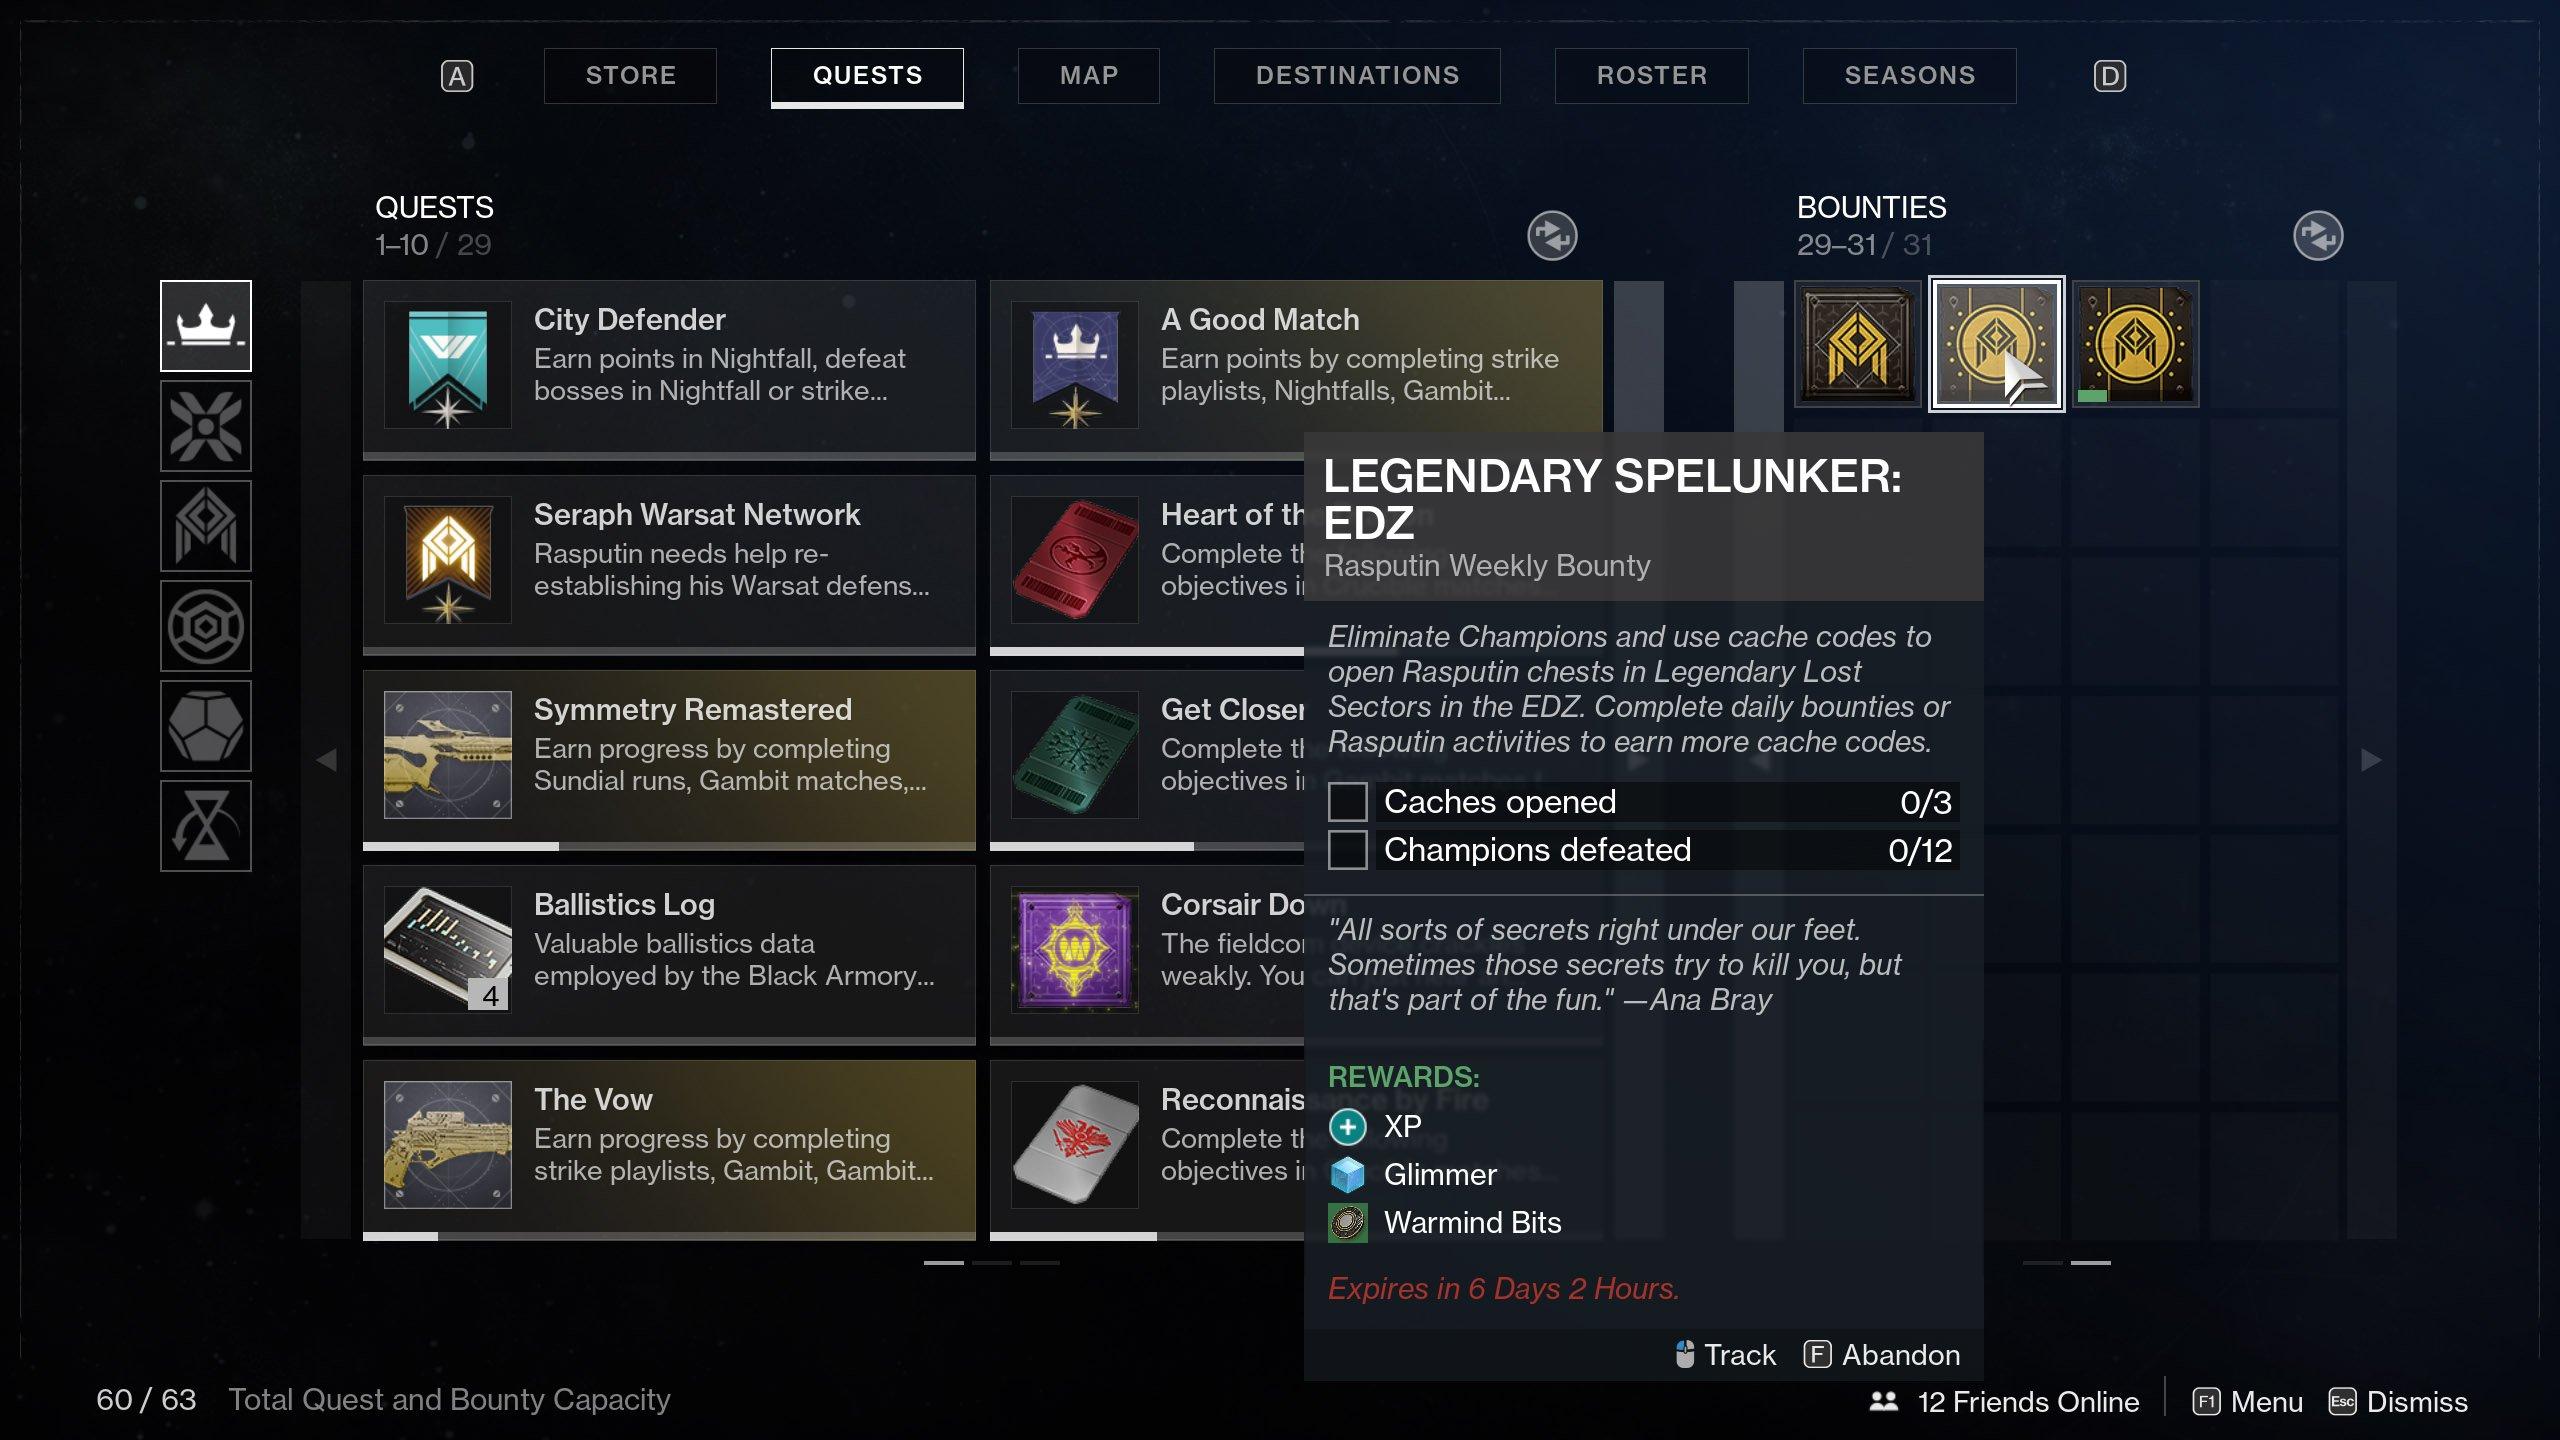 Legendary Spelunker Destiny 2